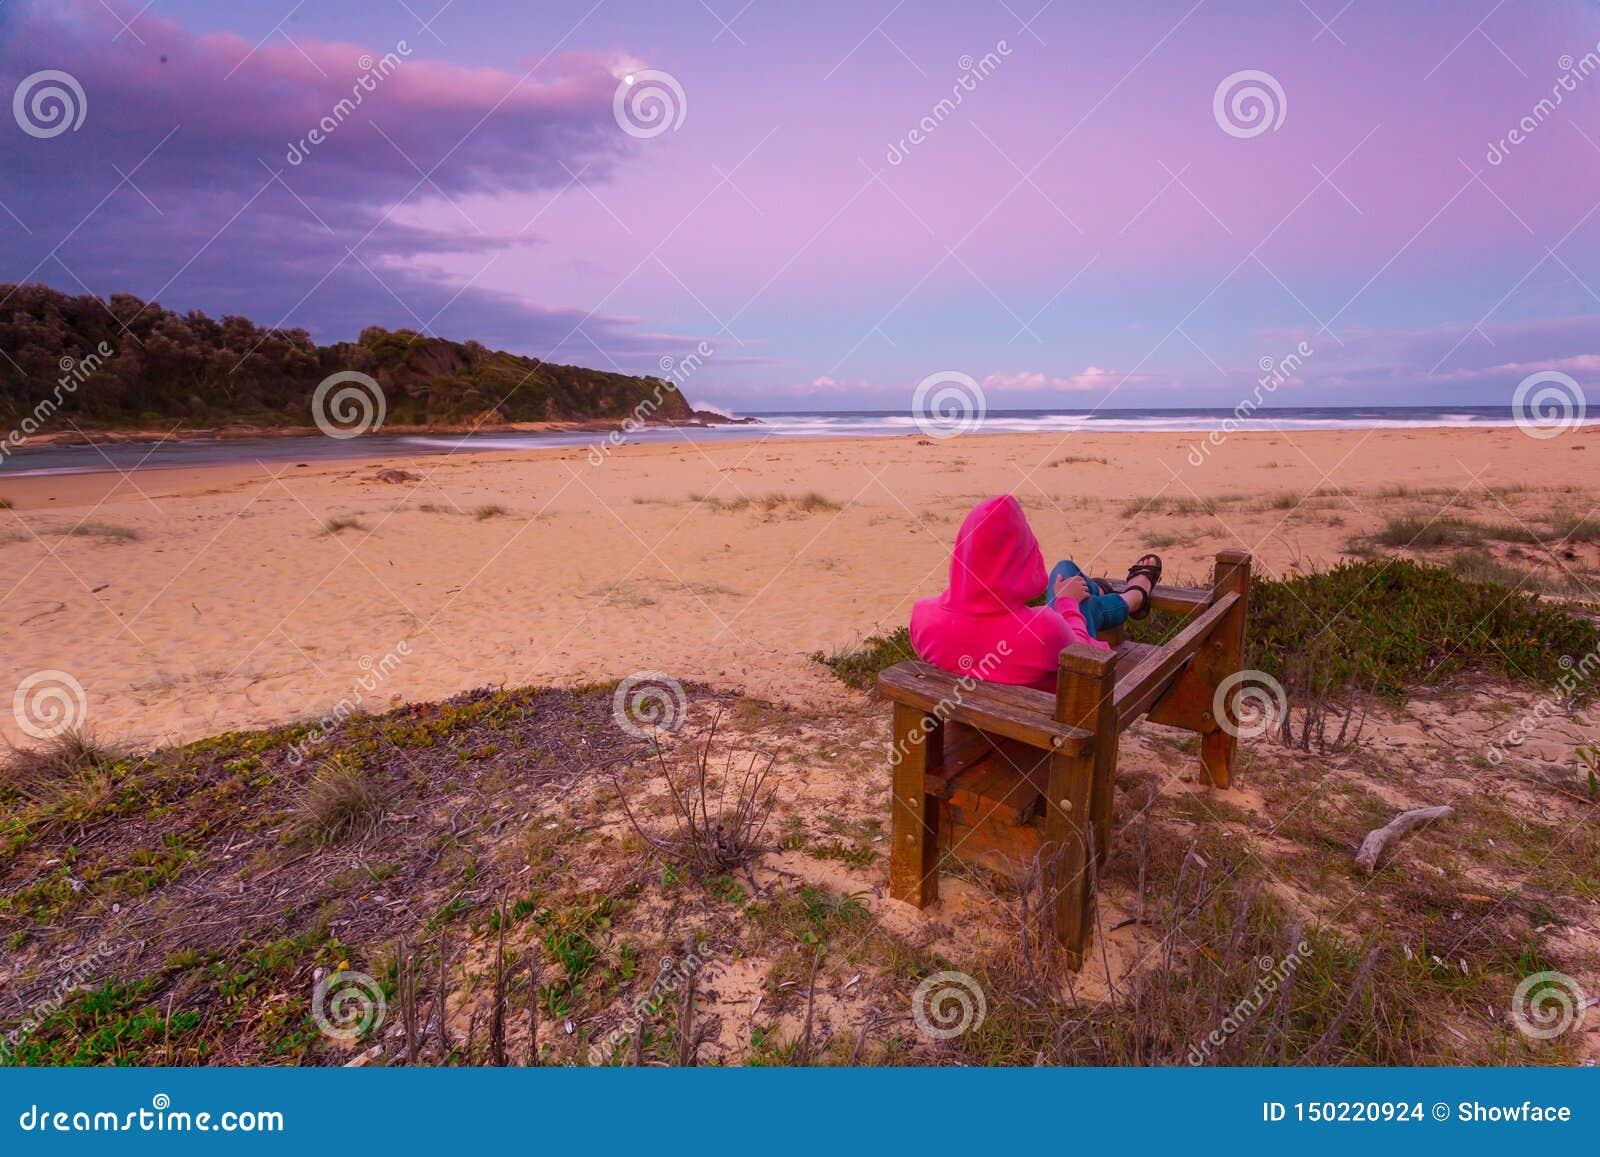 Η γυναίκα χαλαρώνει στον πάγκο αγνοώντας την παραλία στο σούρουπο απογεύματος